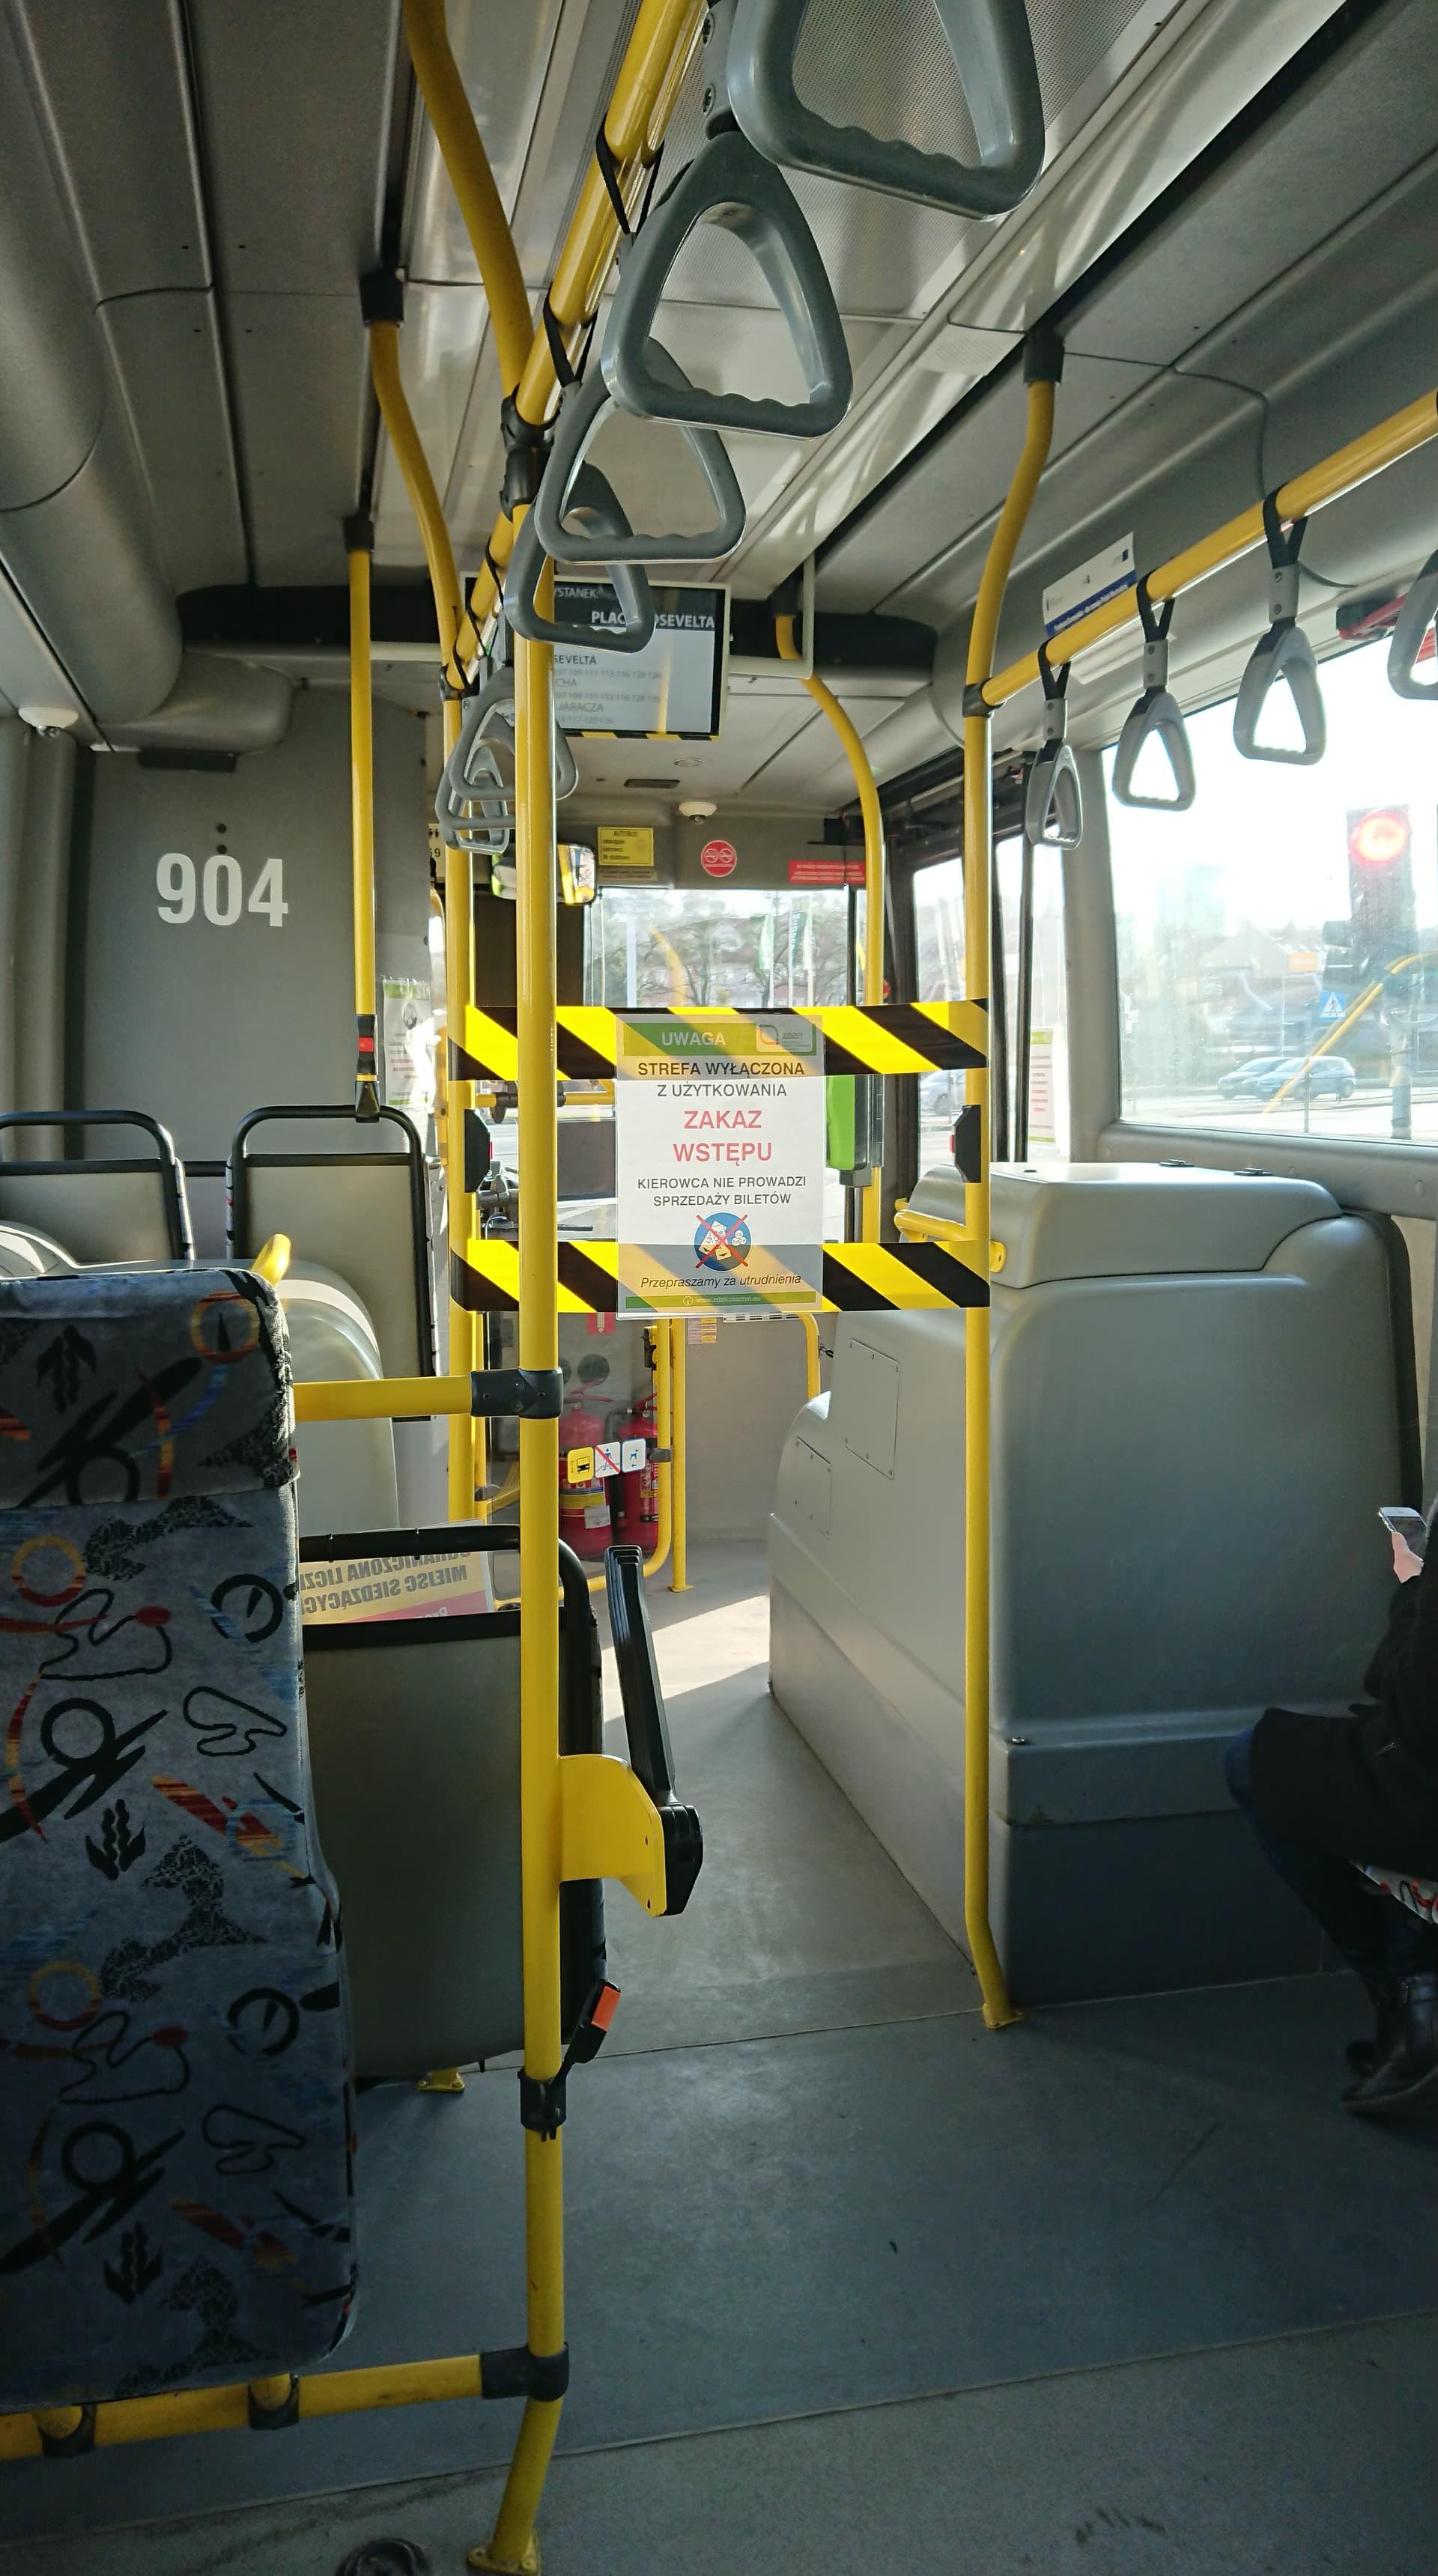 Strefa wydzielona w autobusie (Scania OmniLink CL9 #904) z powodu koronawirusa (30 marca 2020)